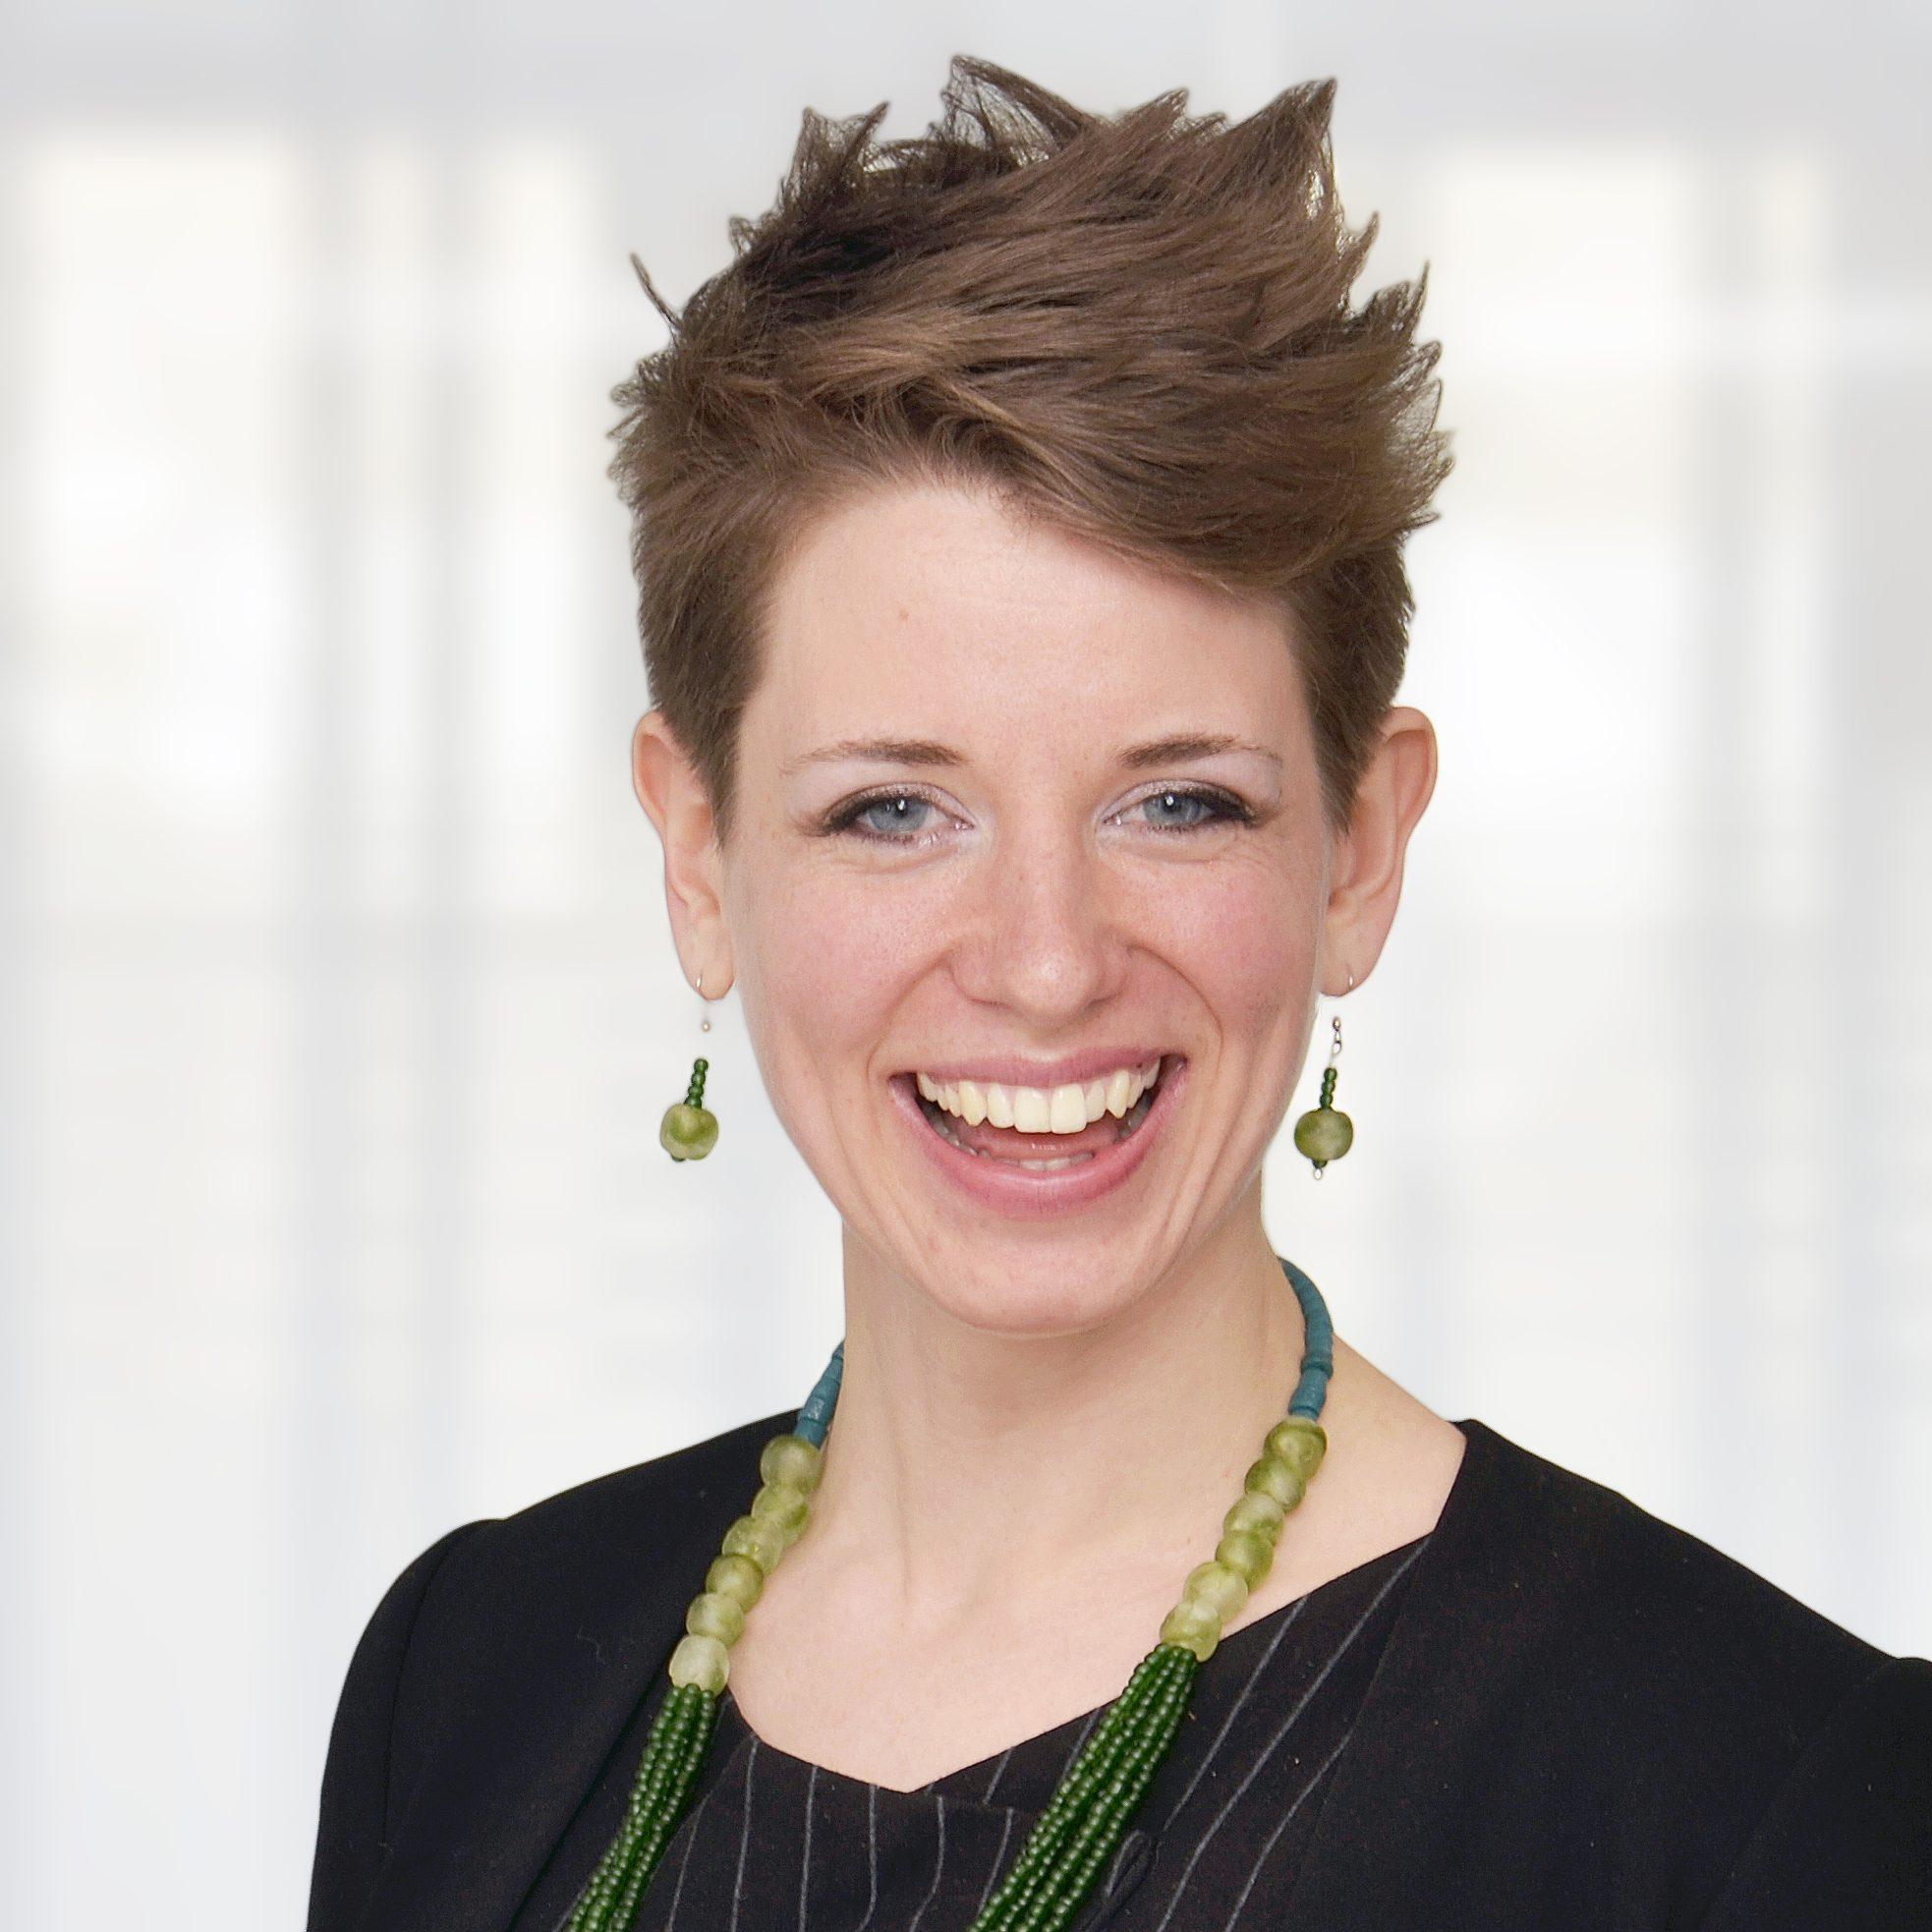 Erin Aylward